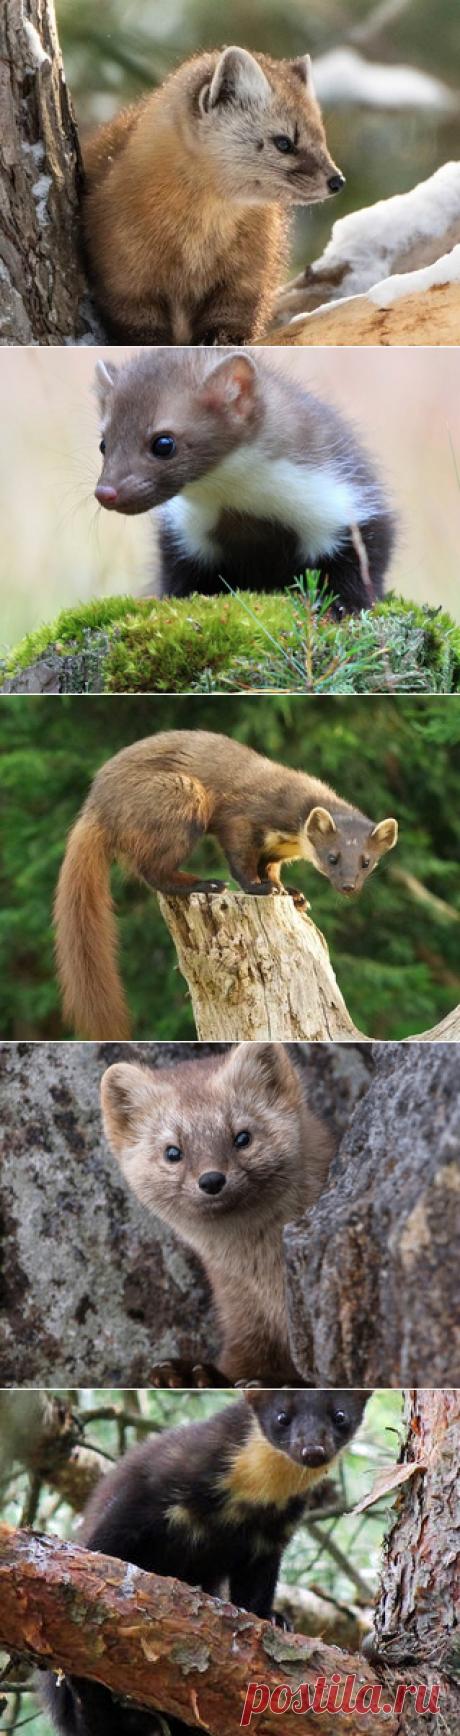 Смотреть изображения куниц | Зооляндия